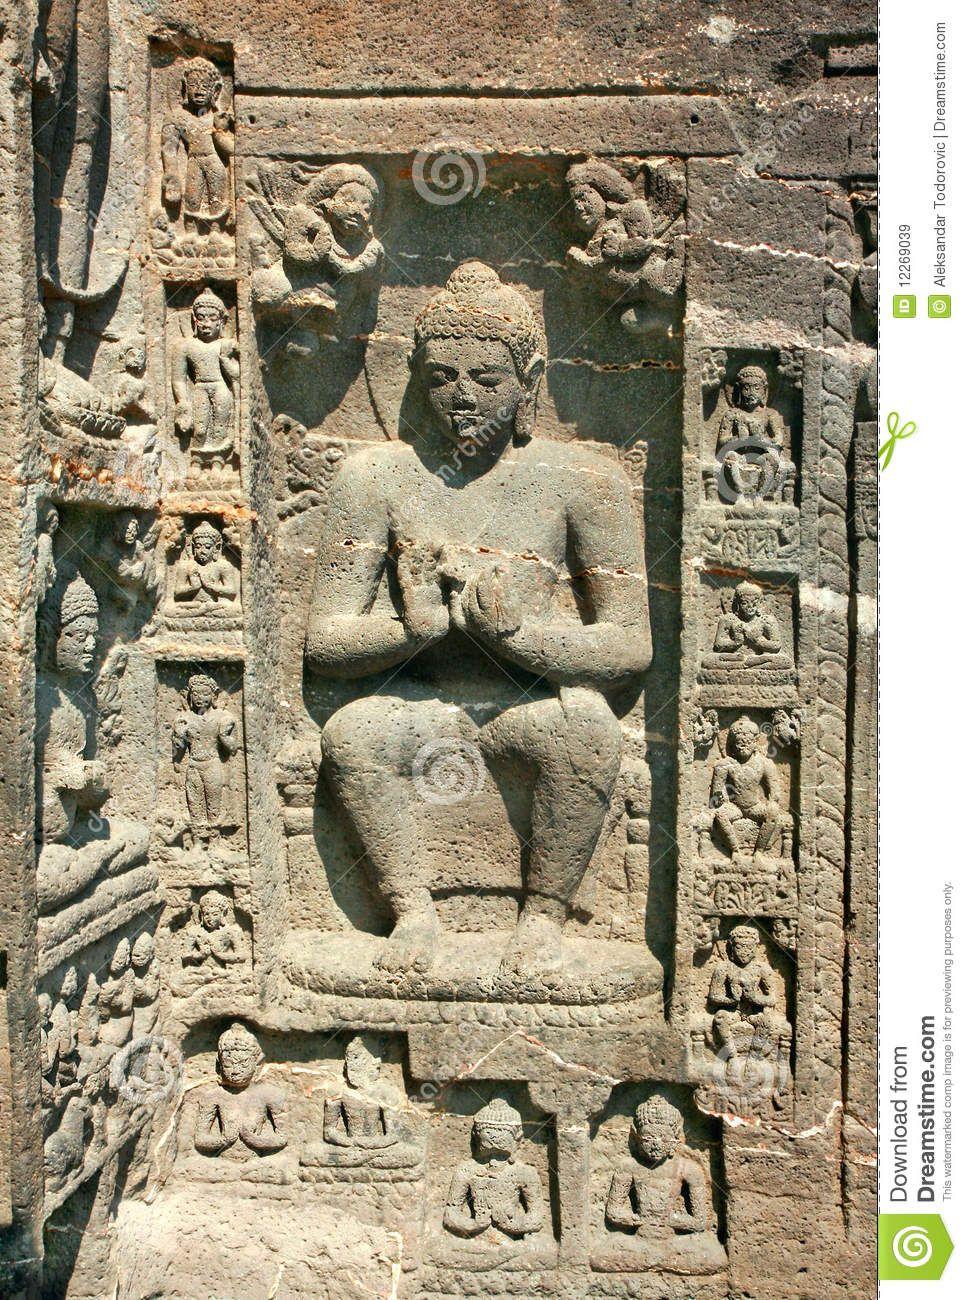 esculturasenjanta - Buscar con Google. Escultura de Piedra en Janta, India